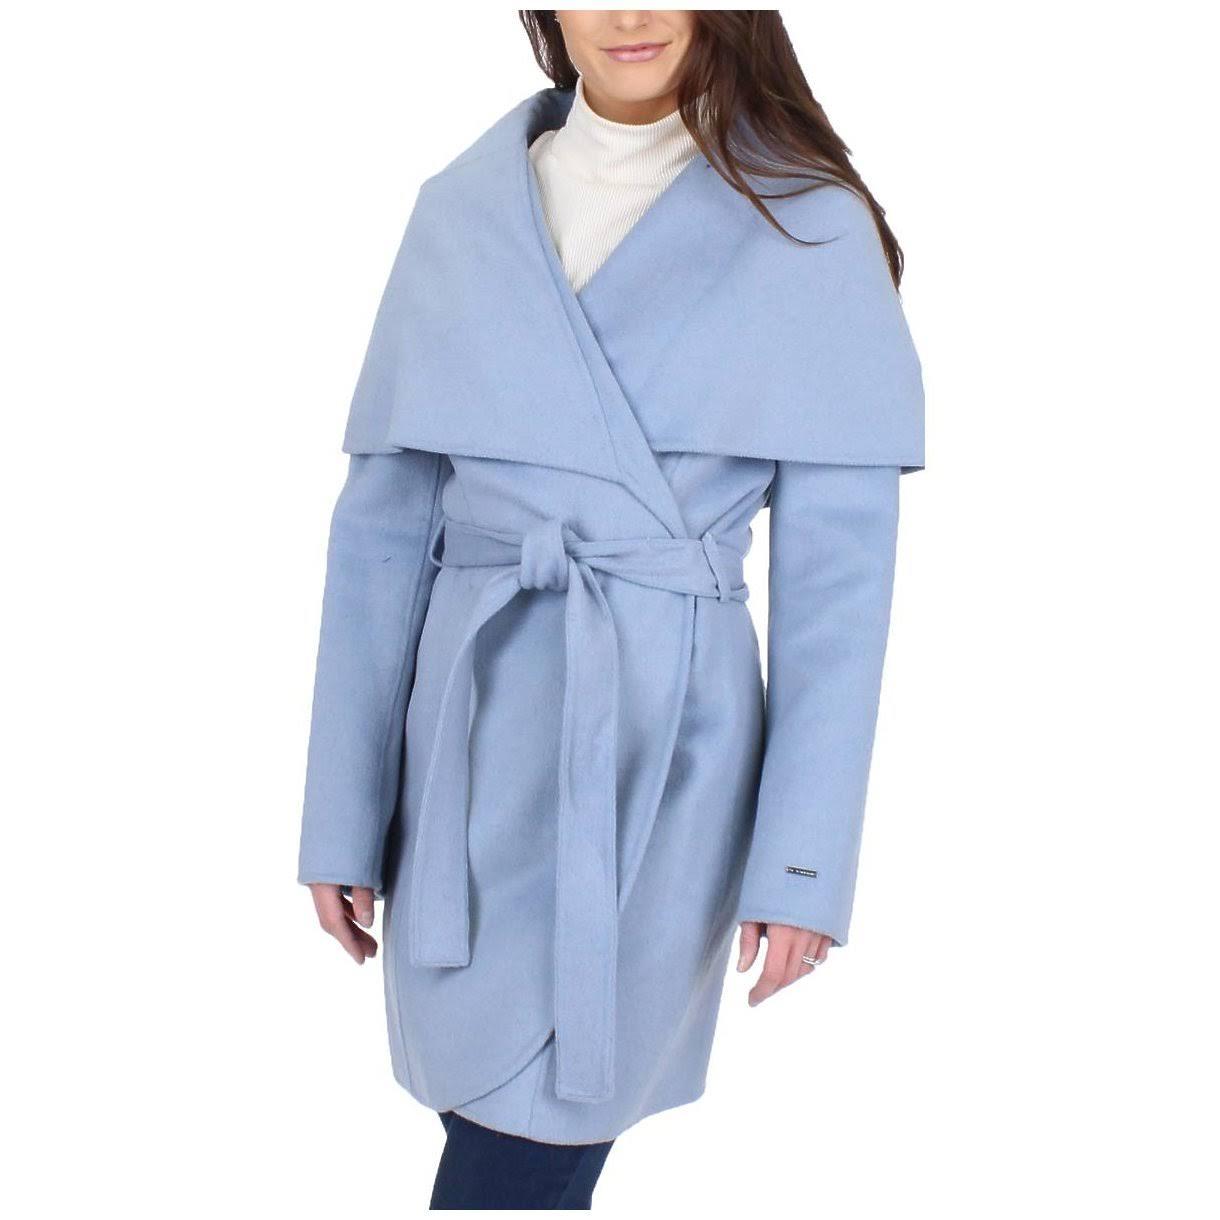 Mezcla Marino De Abrigo Mujer Tahari Para Invierno Lana T Azul Marla w4q8Tv